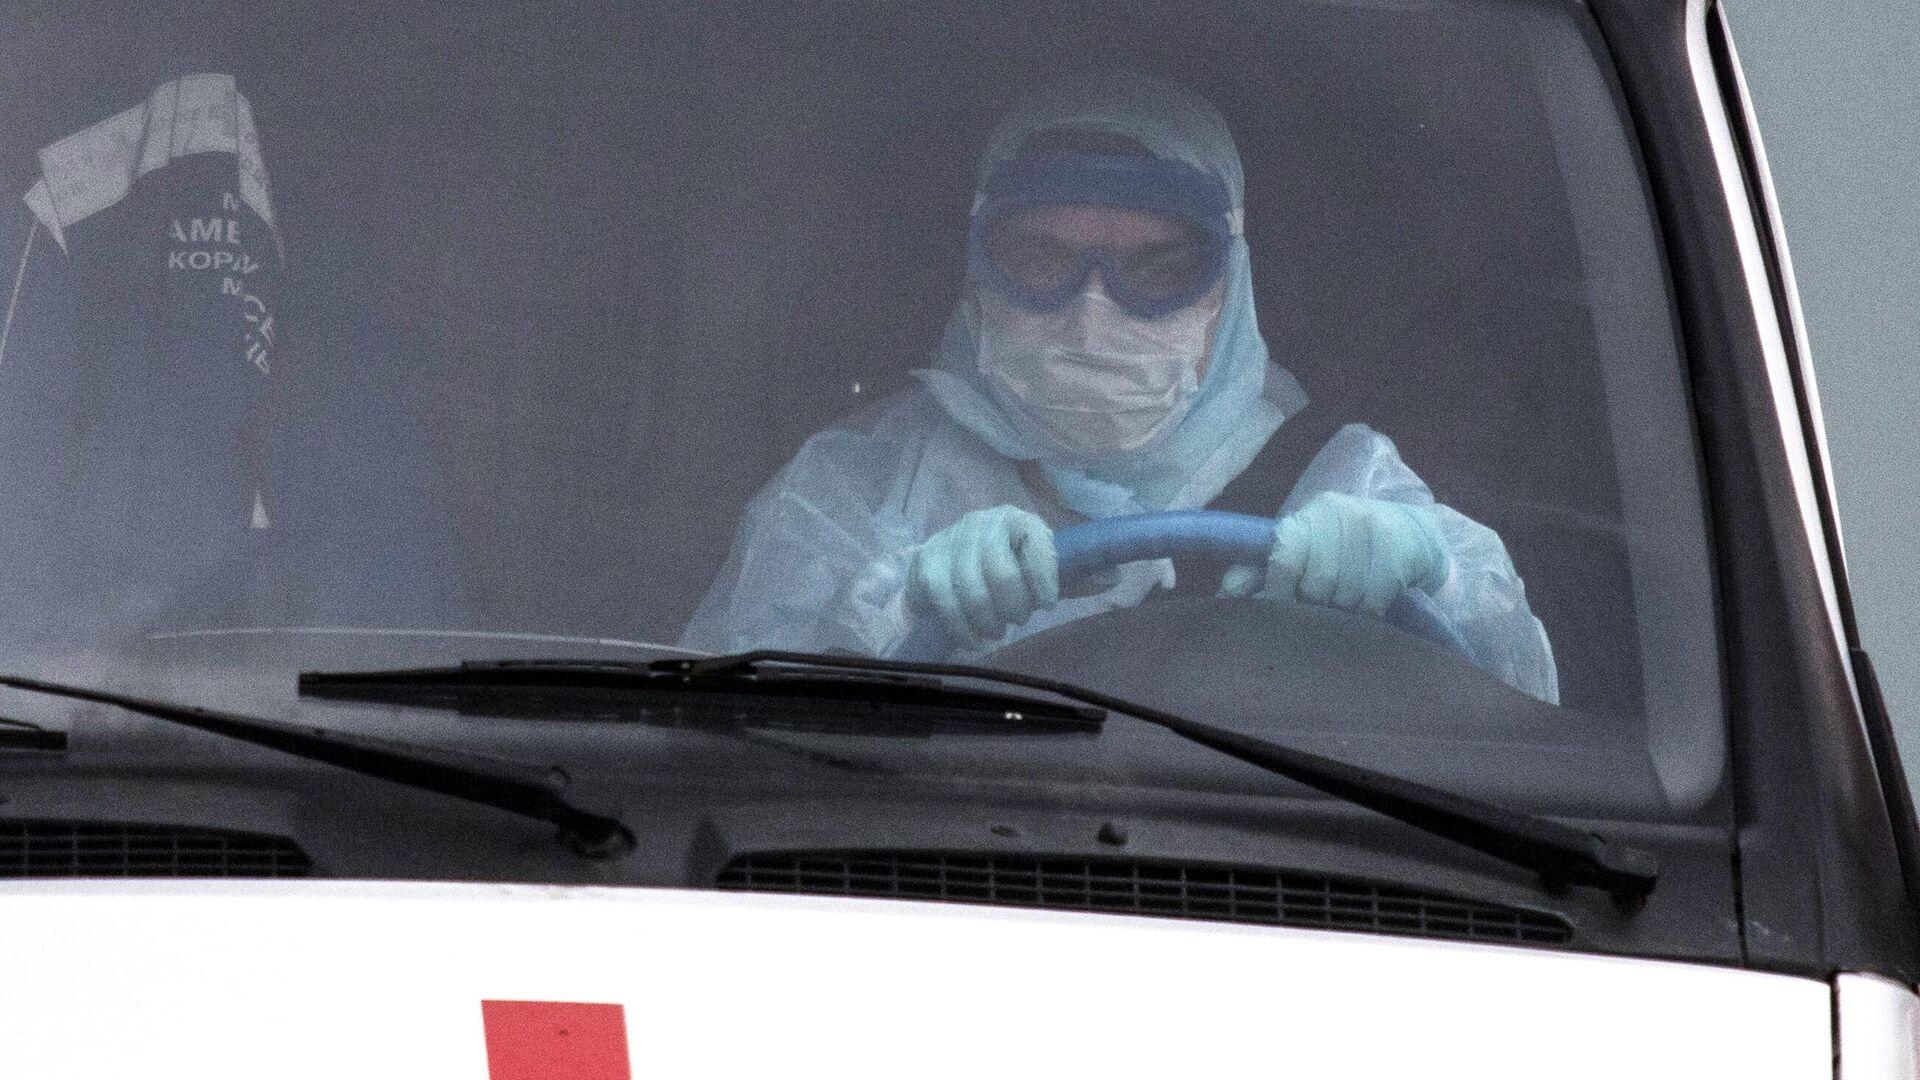 Водитель скорой медицинской помощи возле больницы в Коммунарке - РИА Новости, 1920, 21.07.2021